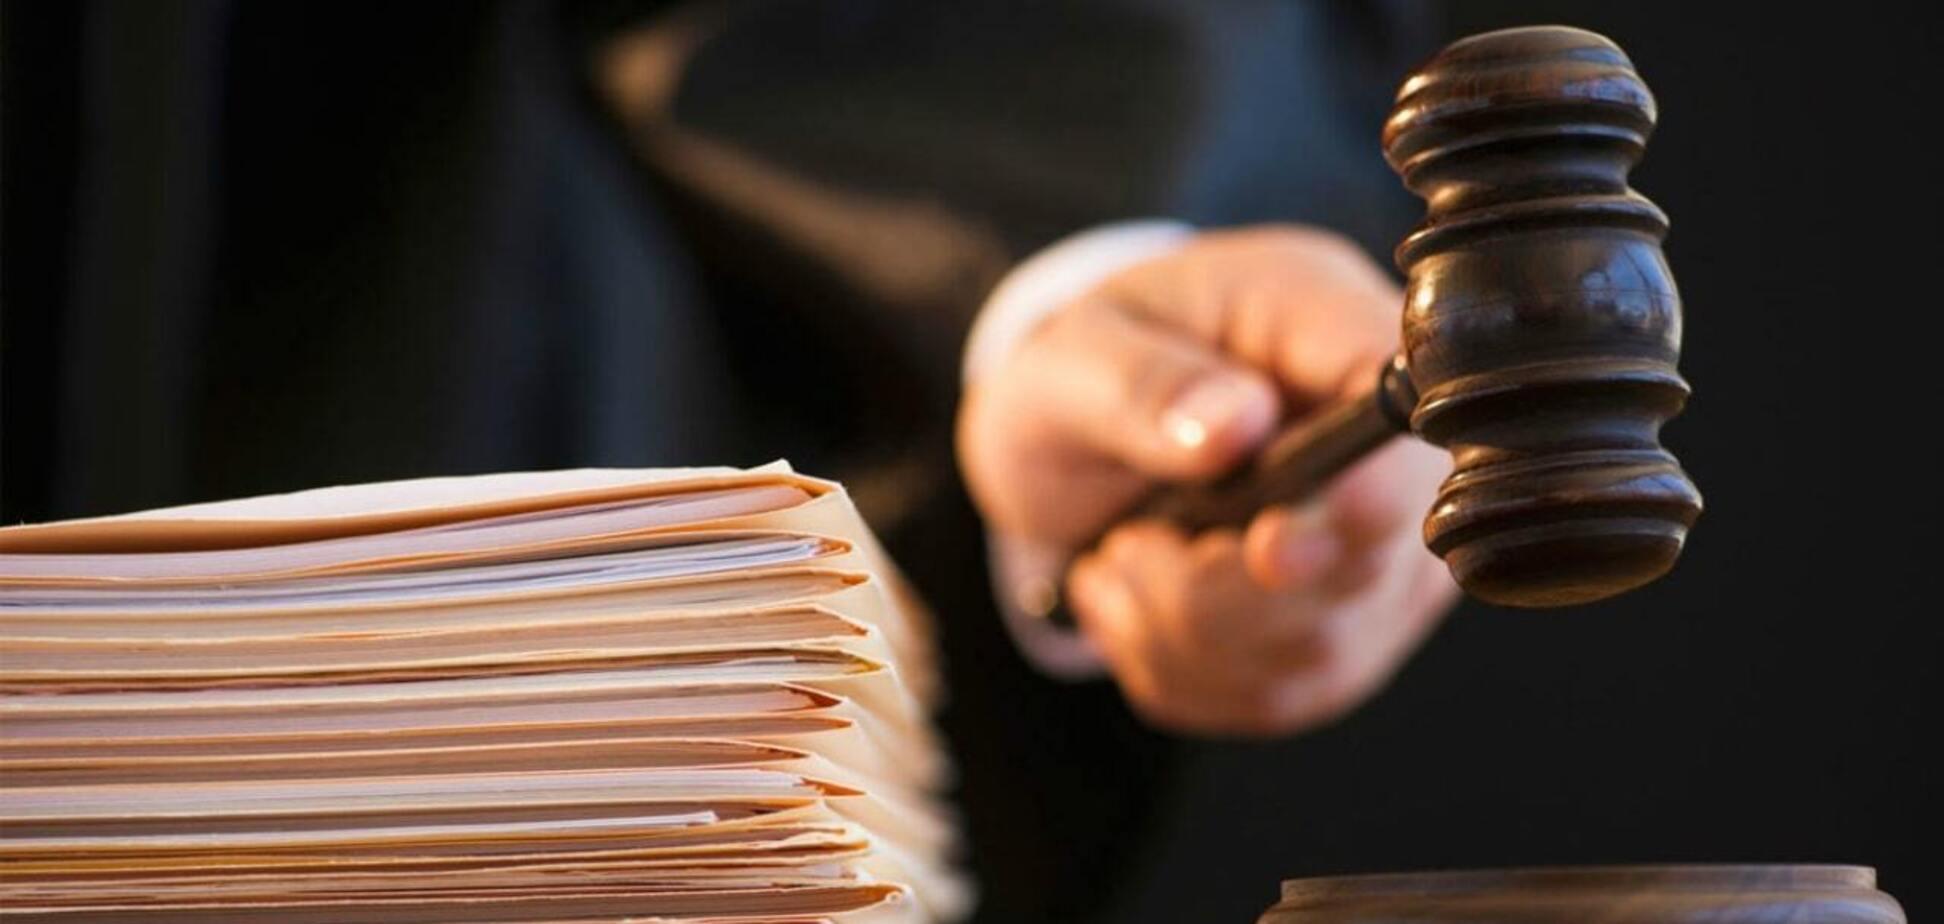 На Донетчине суд вынес приговор мужчине, изнасиловавшему 19 детей